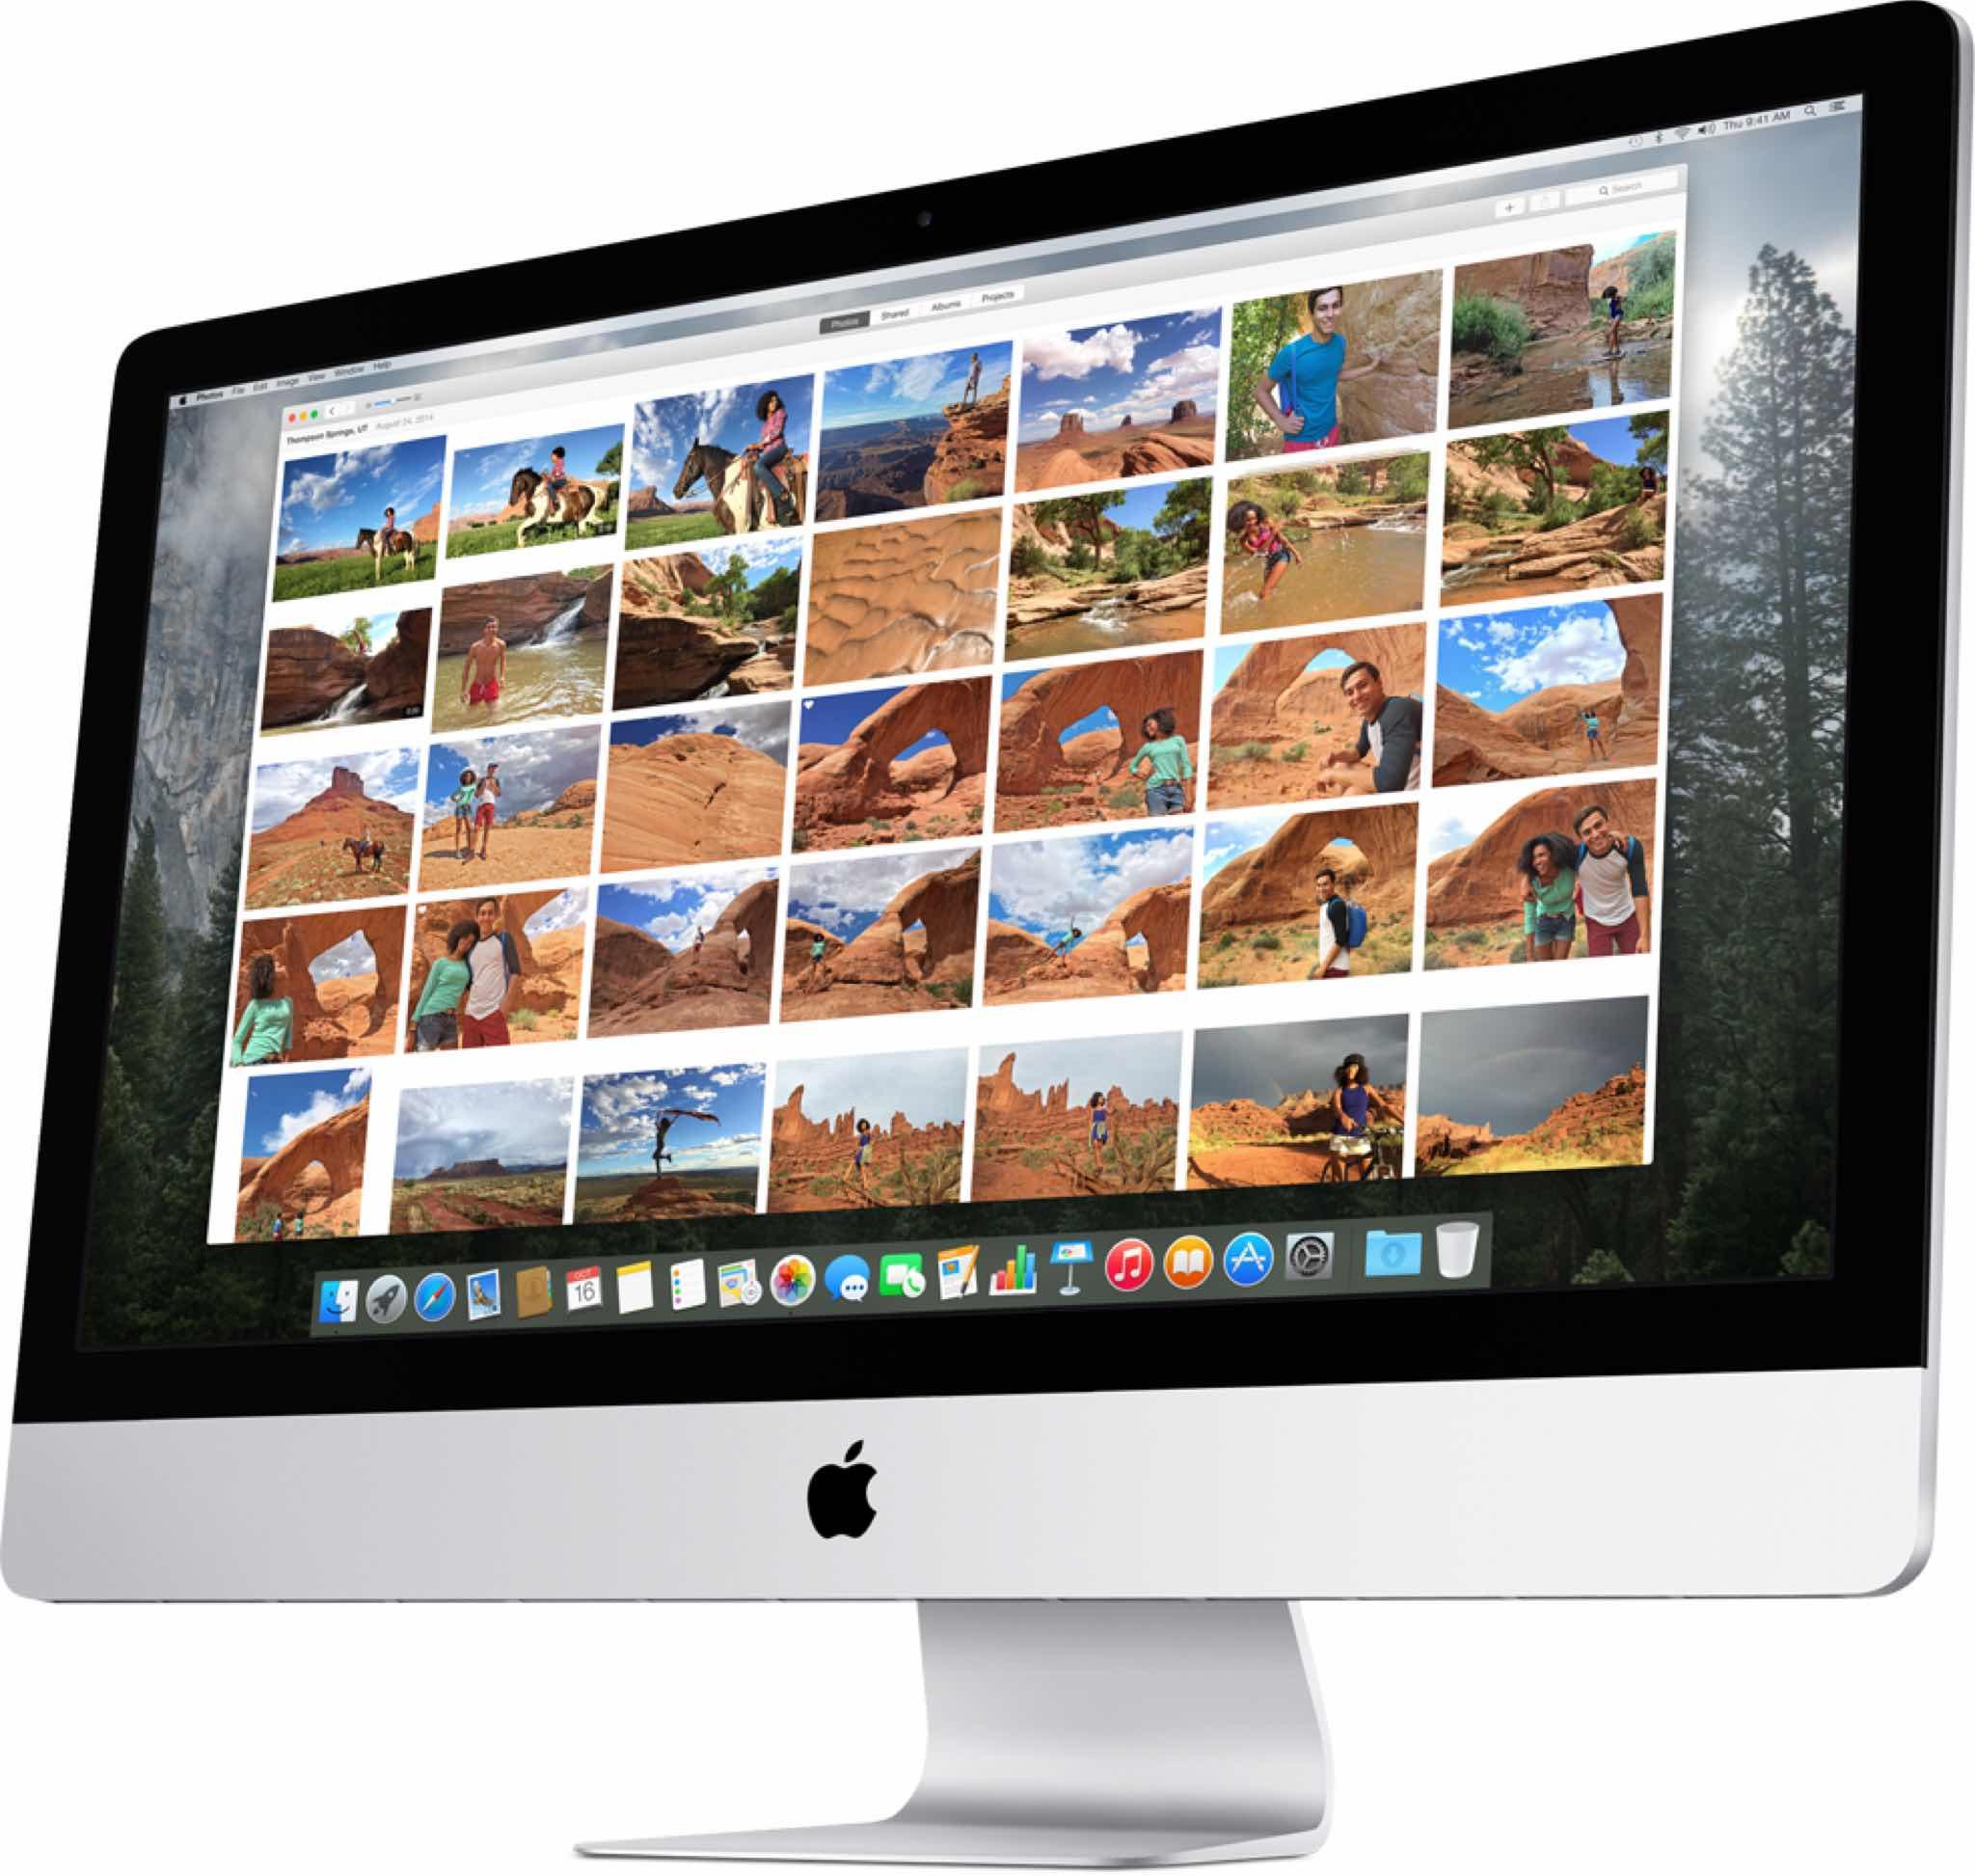 /Users/dmoren/Desktop/photos-for-mac-bleed.jpg